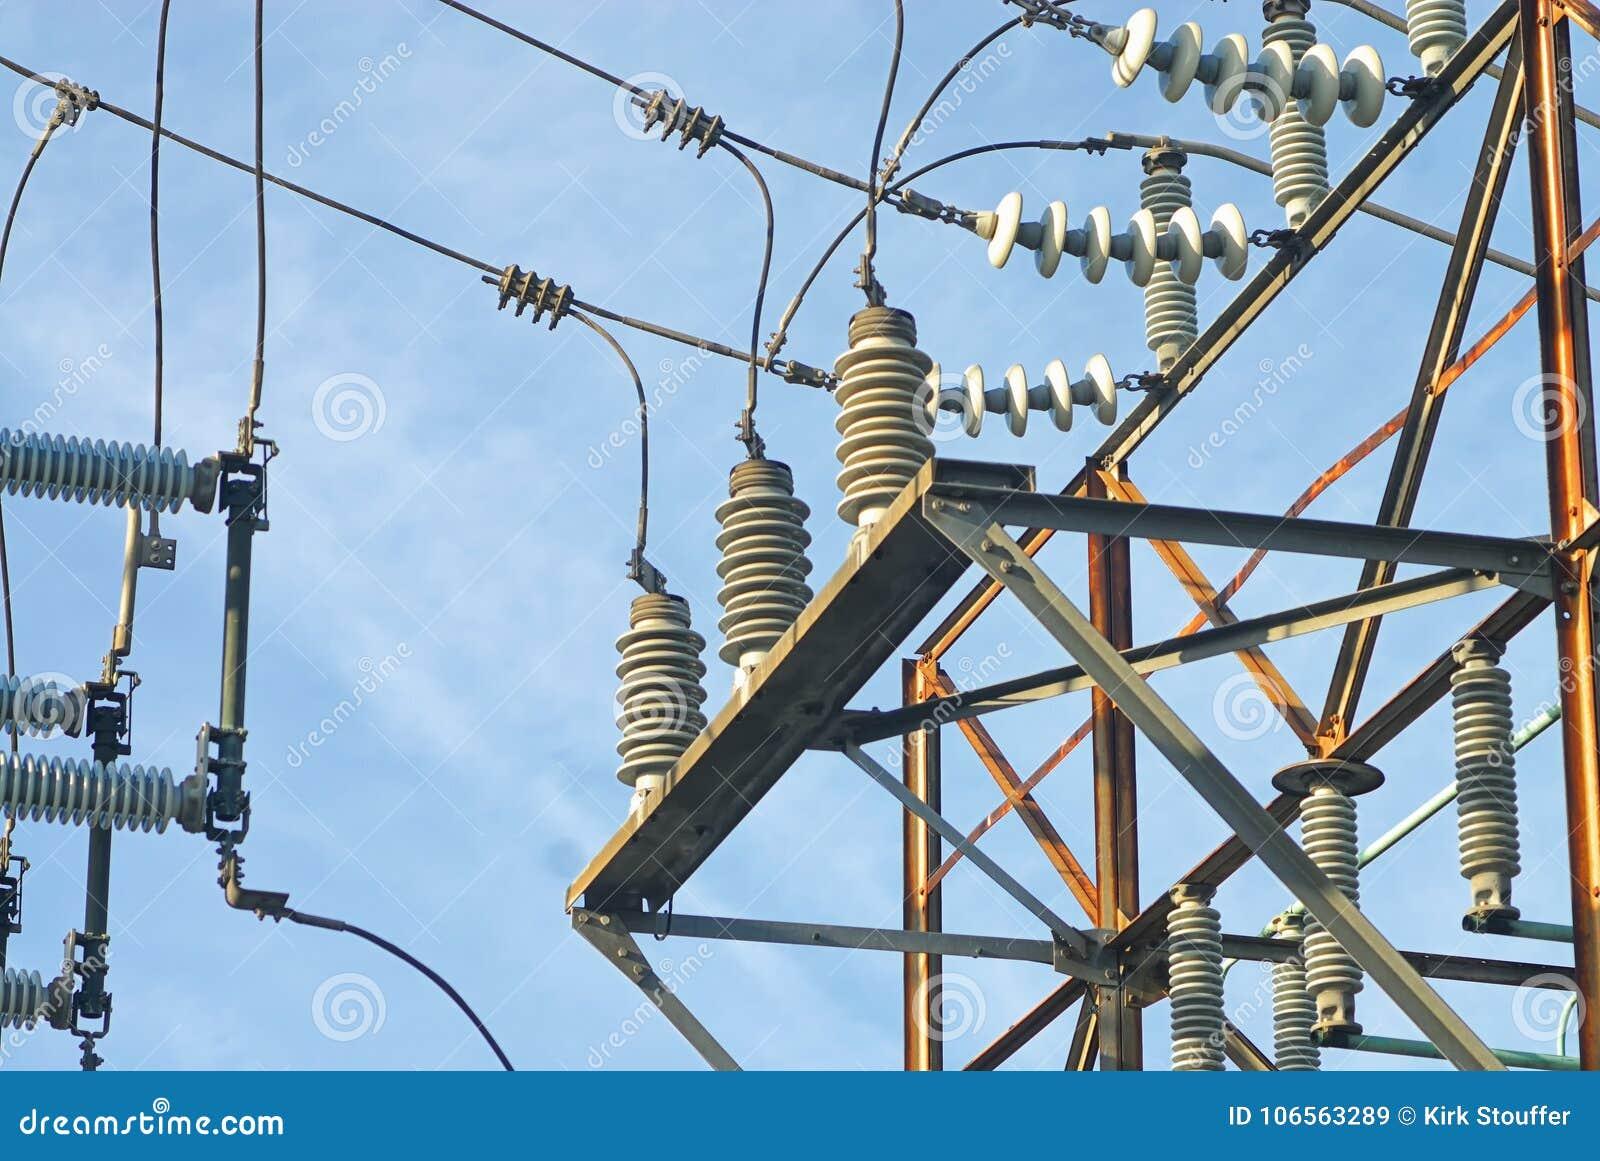 Une image semi artistique des câbles et des isolateurs dans une sous-station de la grille électrique